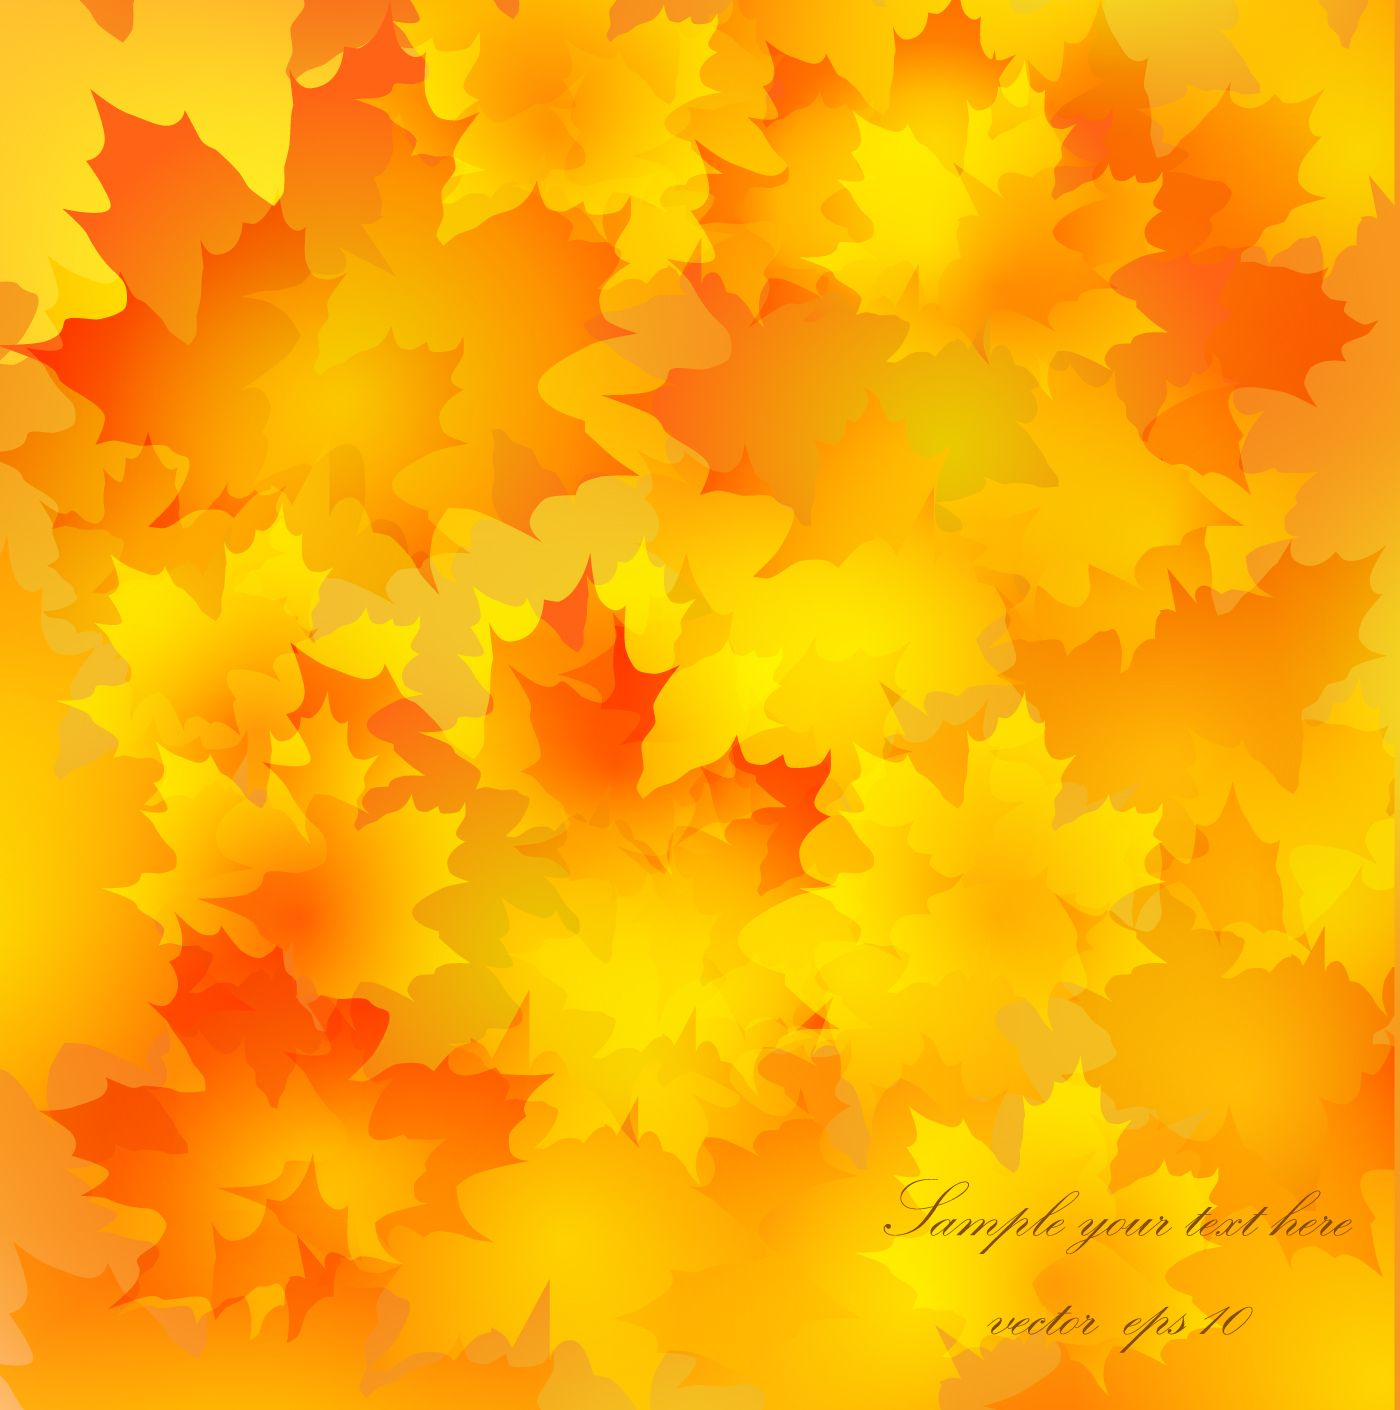 Autumn Golden yellow background vector 06 Vector